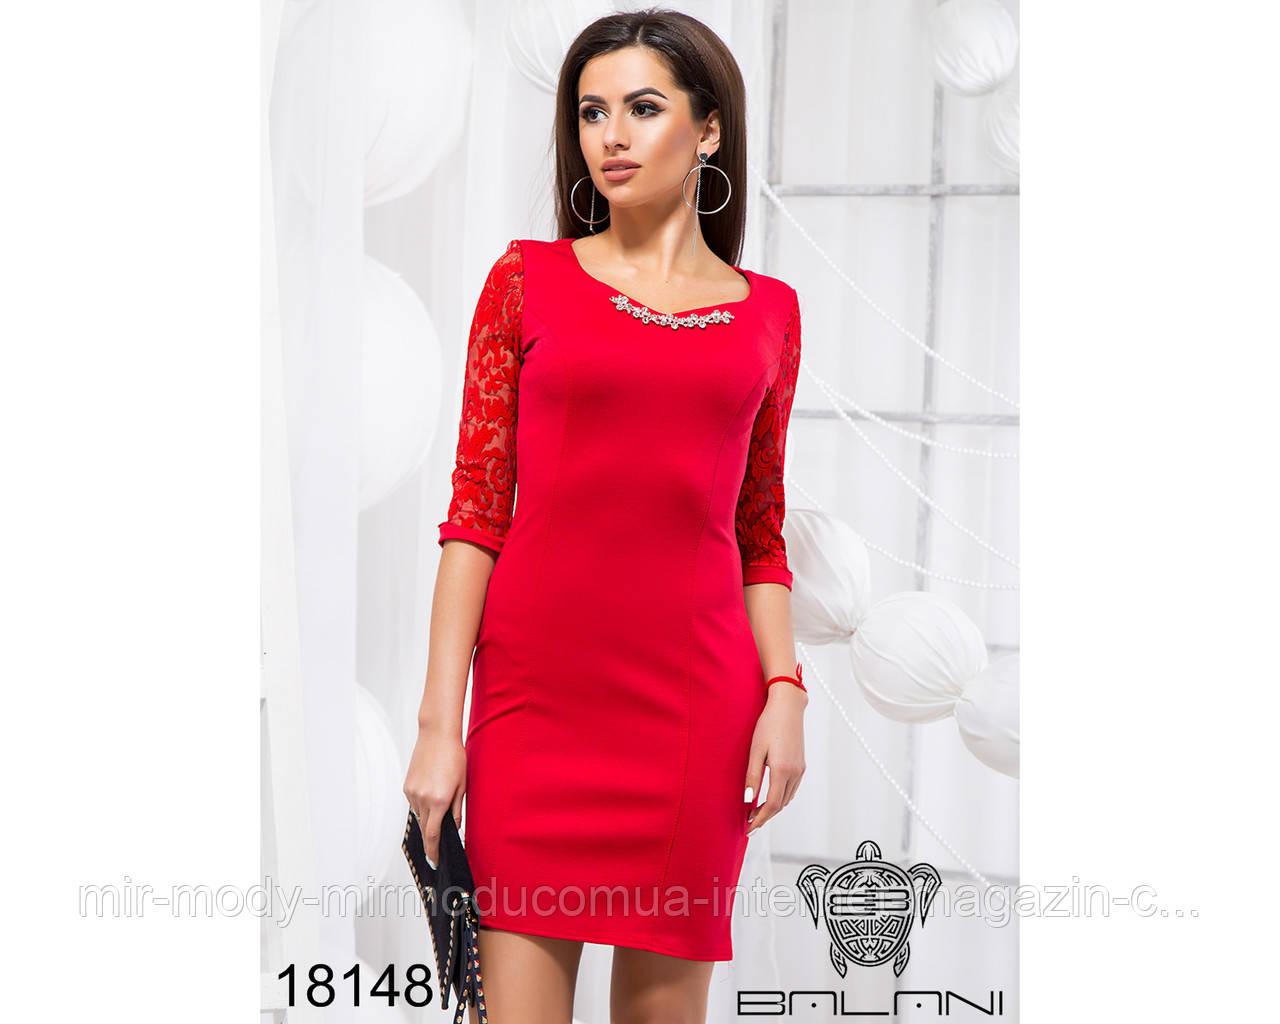 Деловое облегающее платье - 18148 (б-ни)